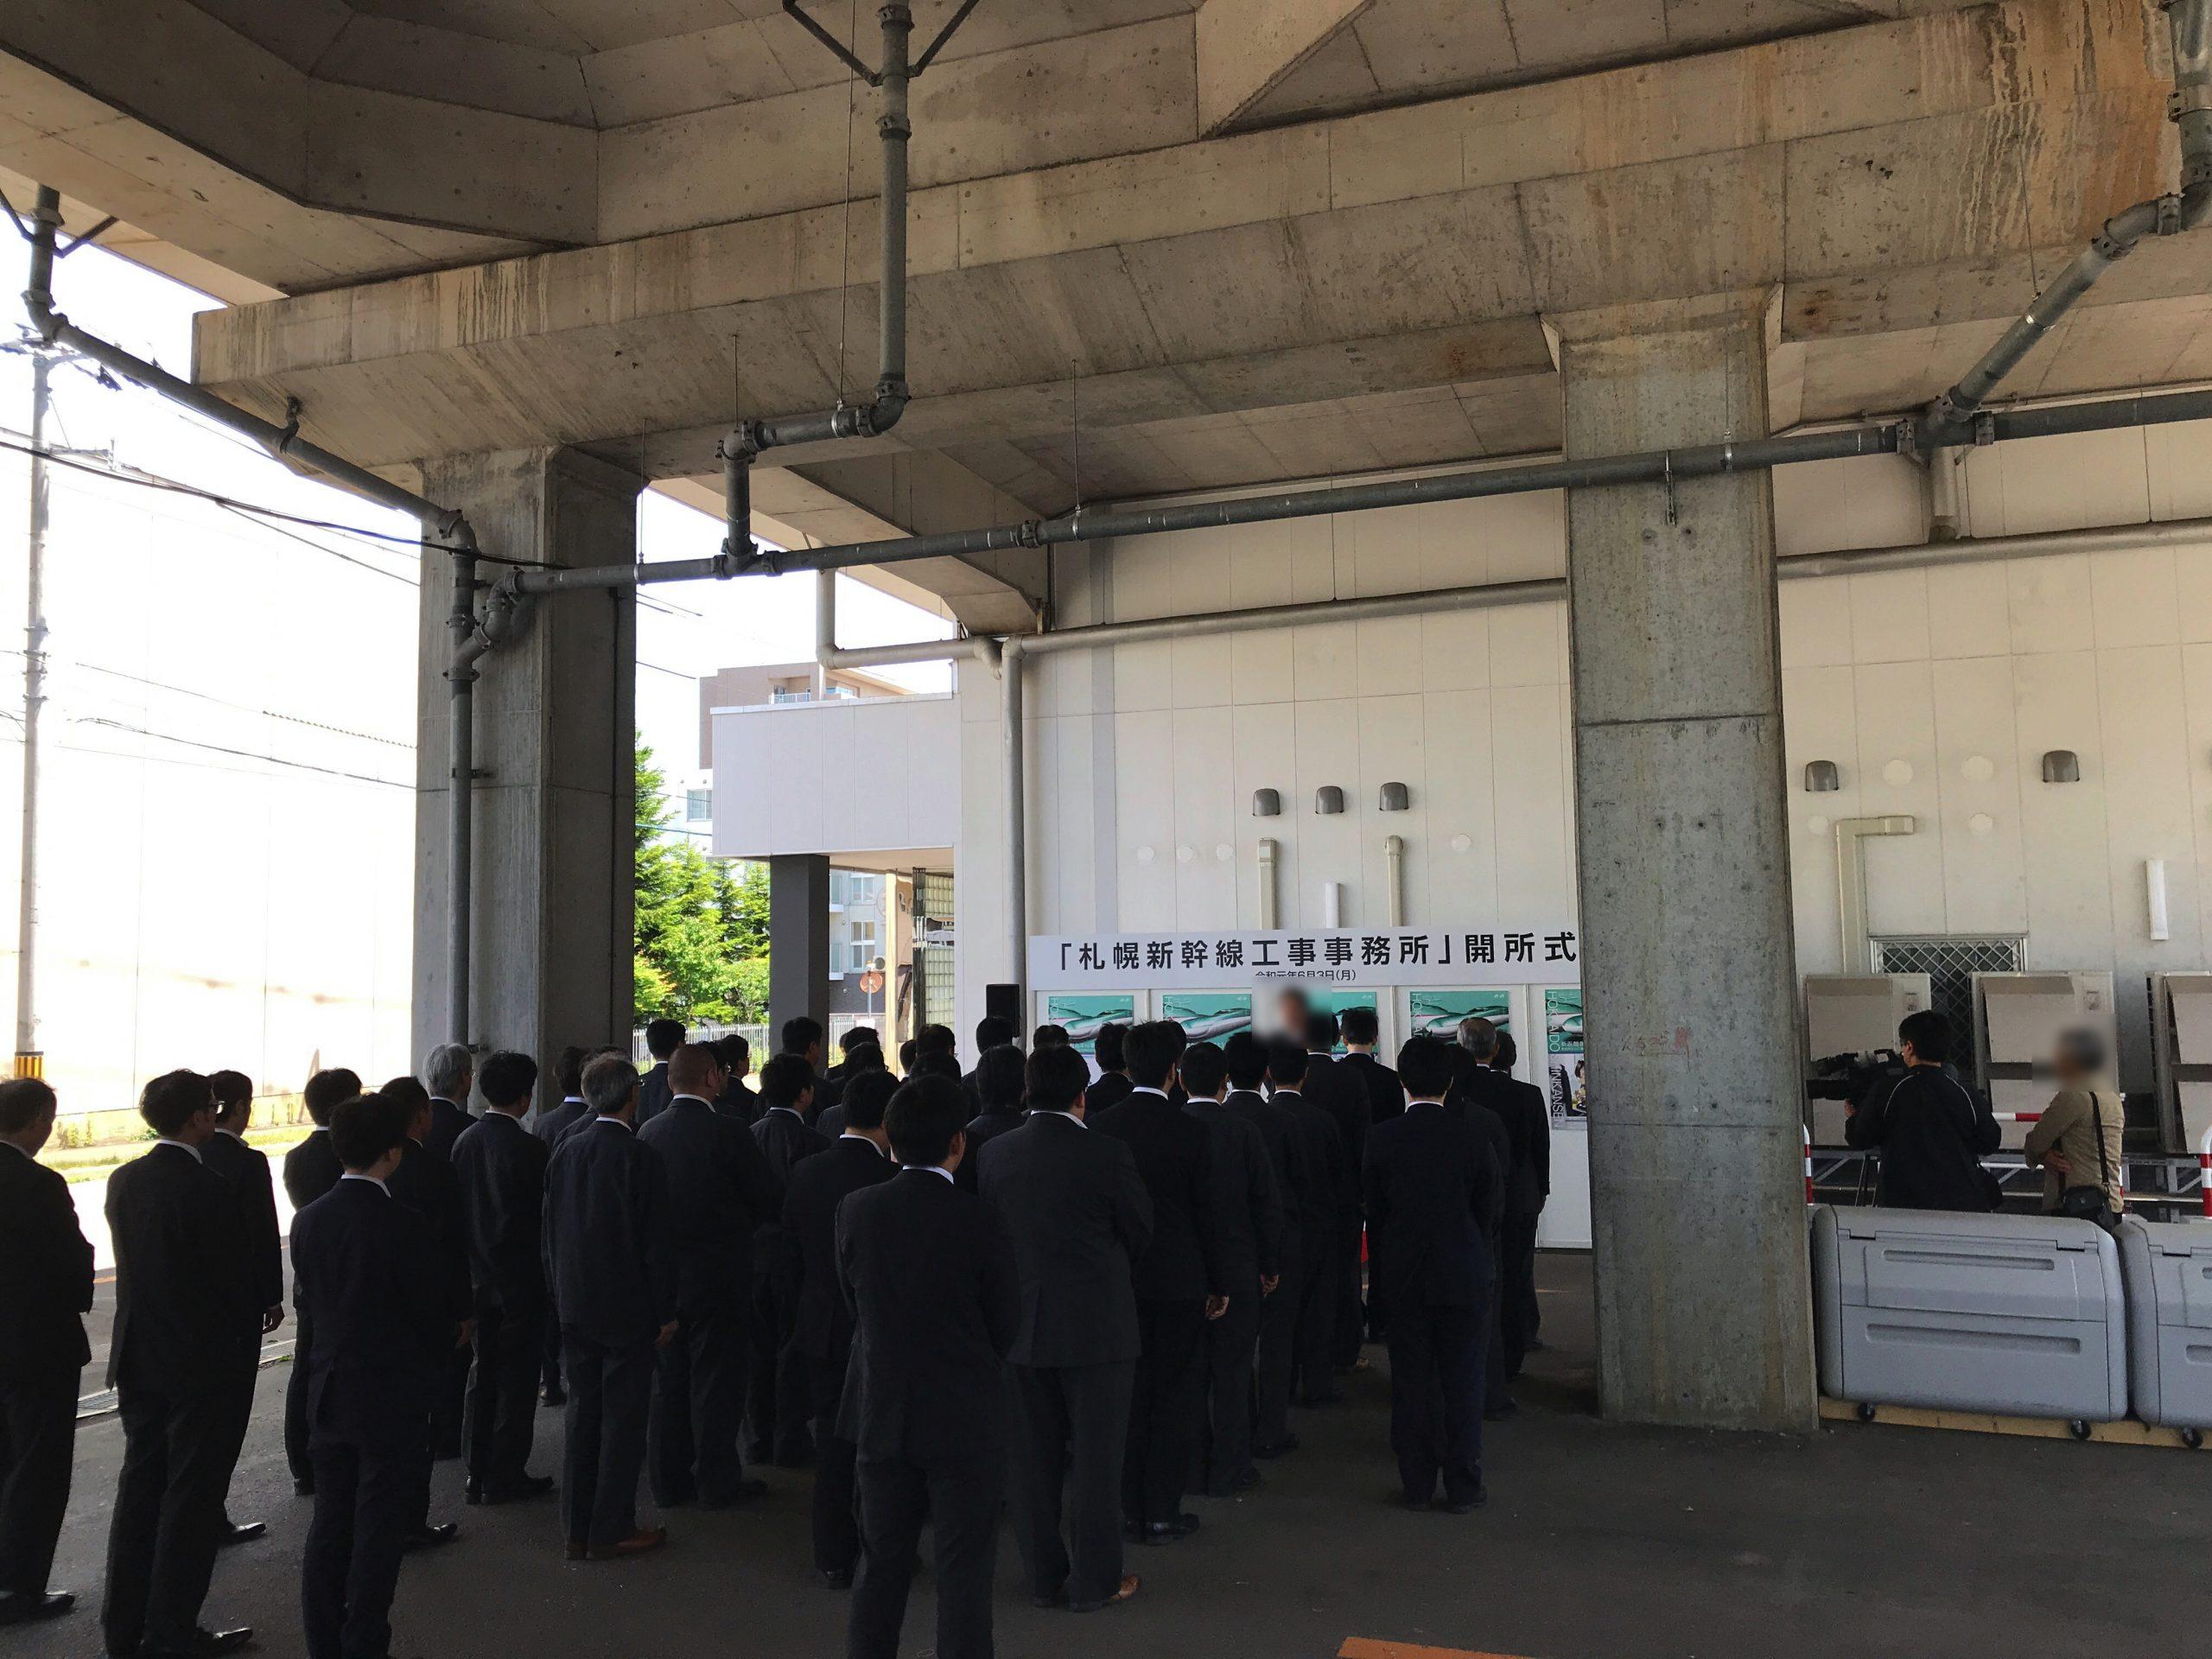 札幌新幹線工事事務所 開所式